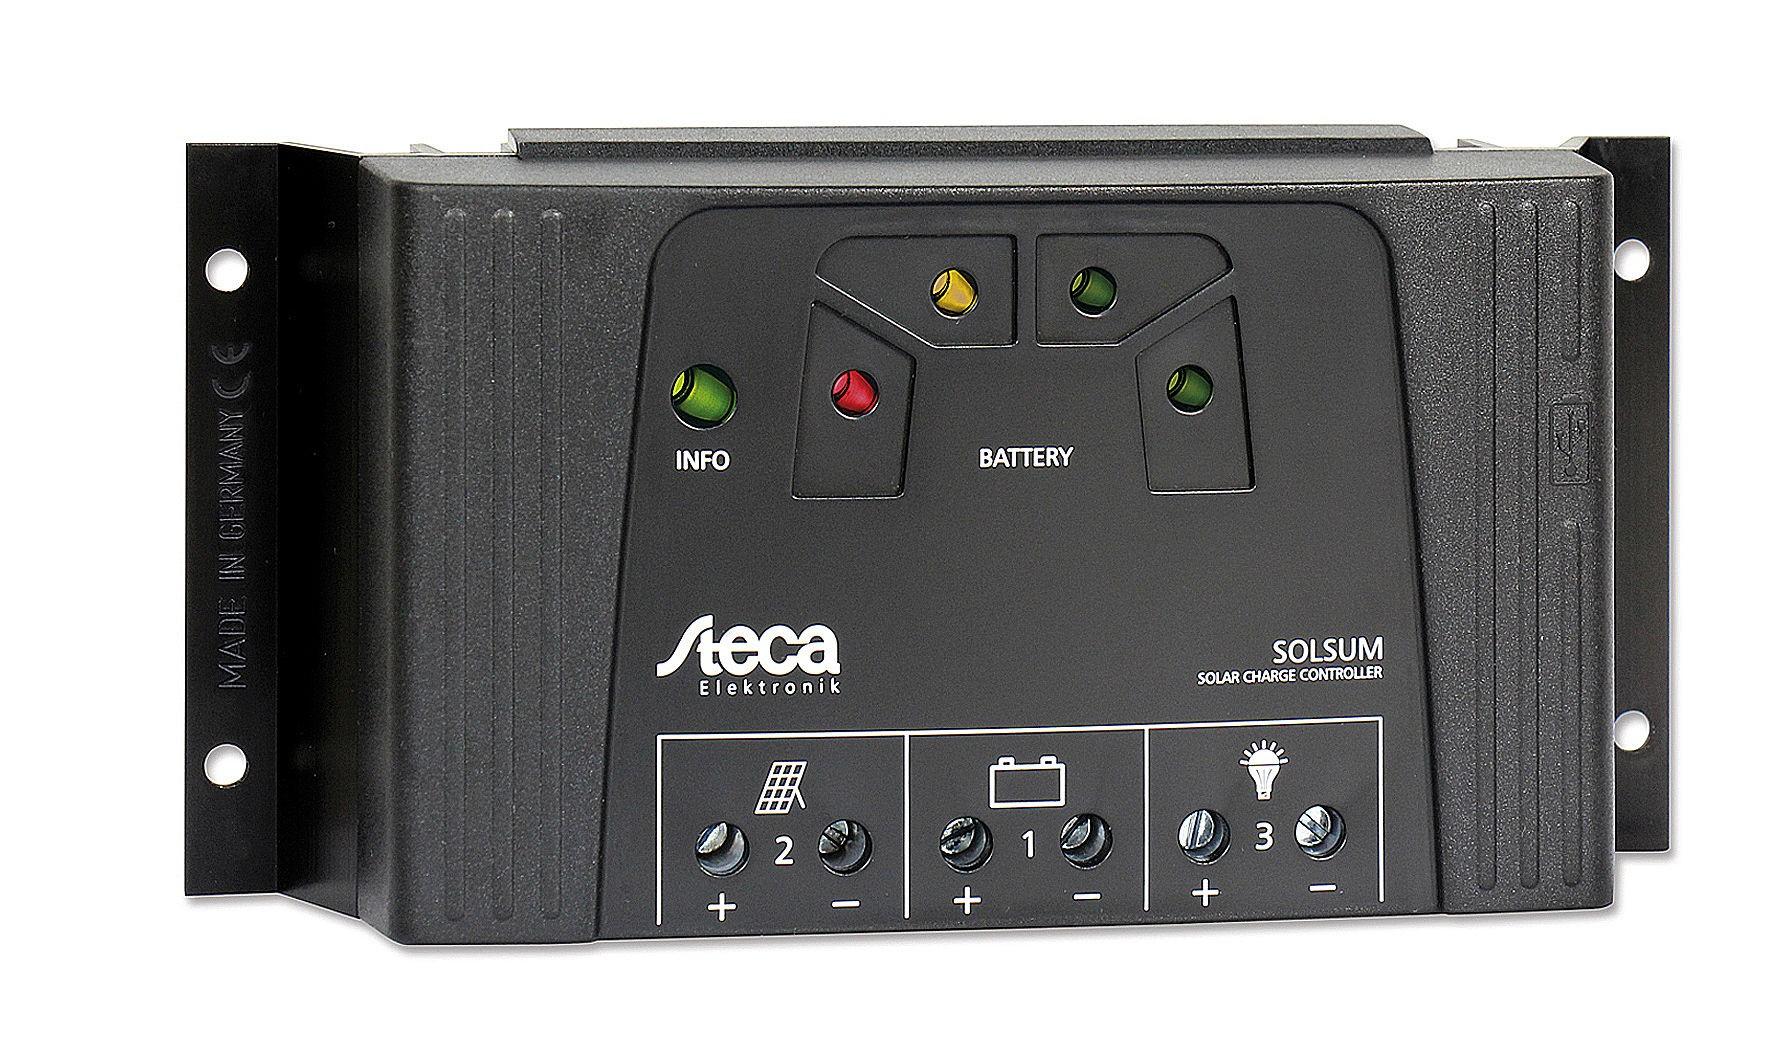 Steca solsum 2525 - 4040